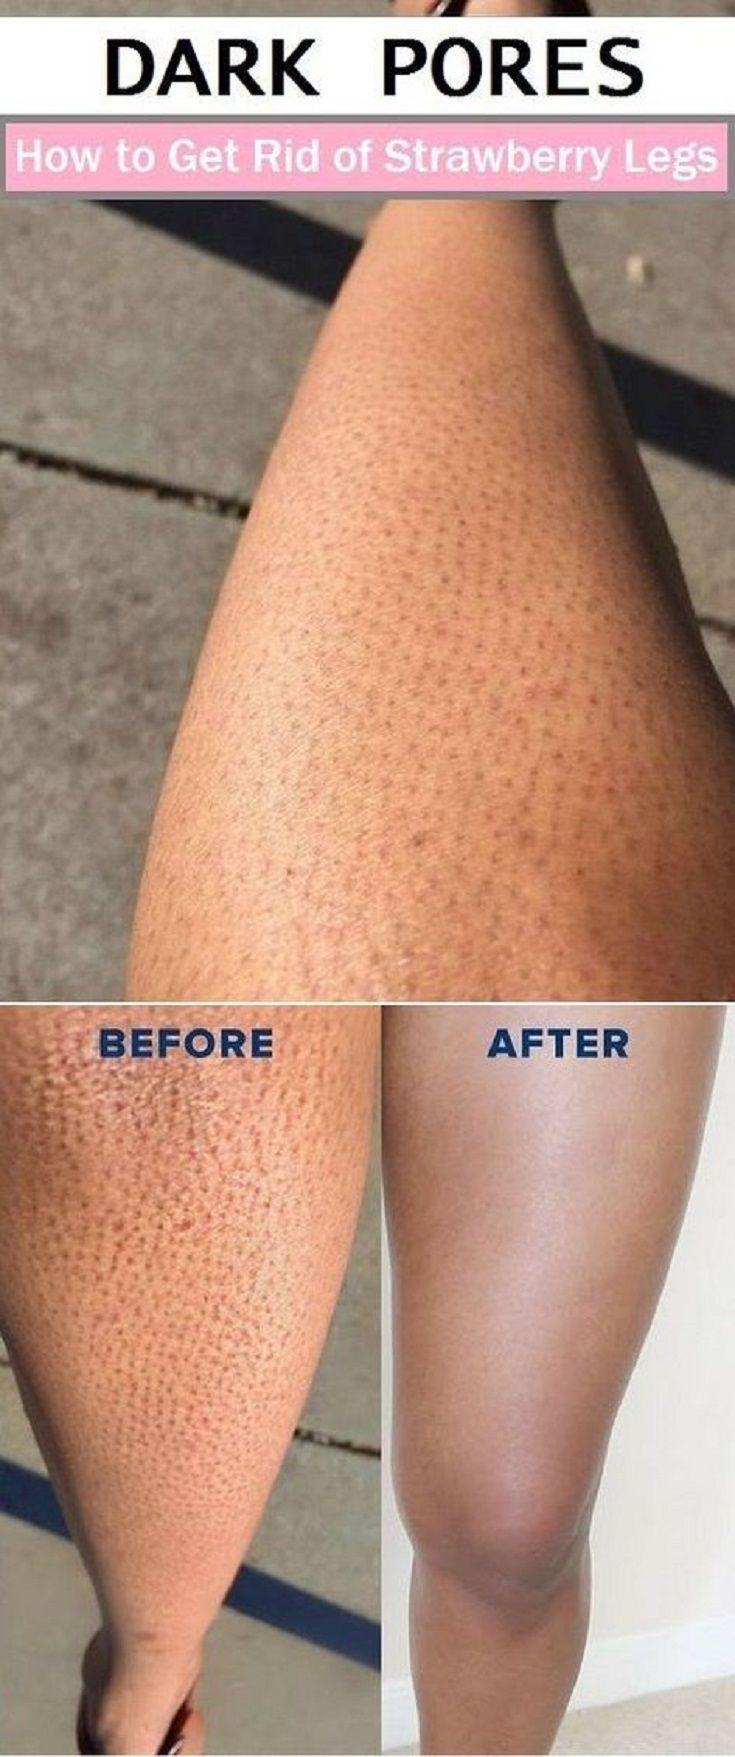 e34d6a49ef2e9d9a41a49066aee07ffc - How To Get Rid Of Allergy Marks On Legs